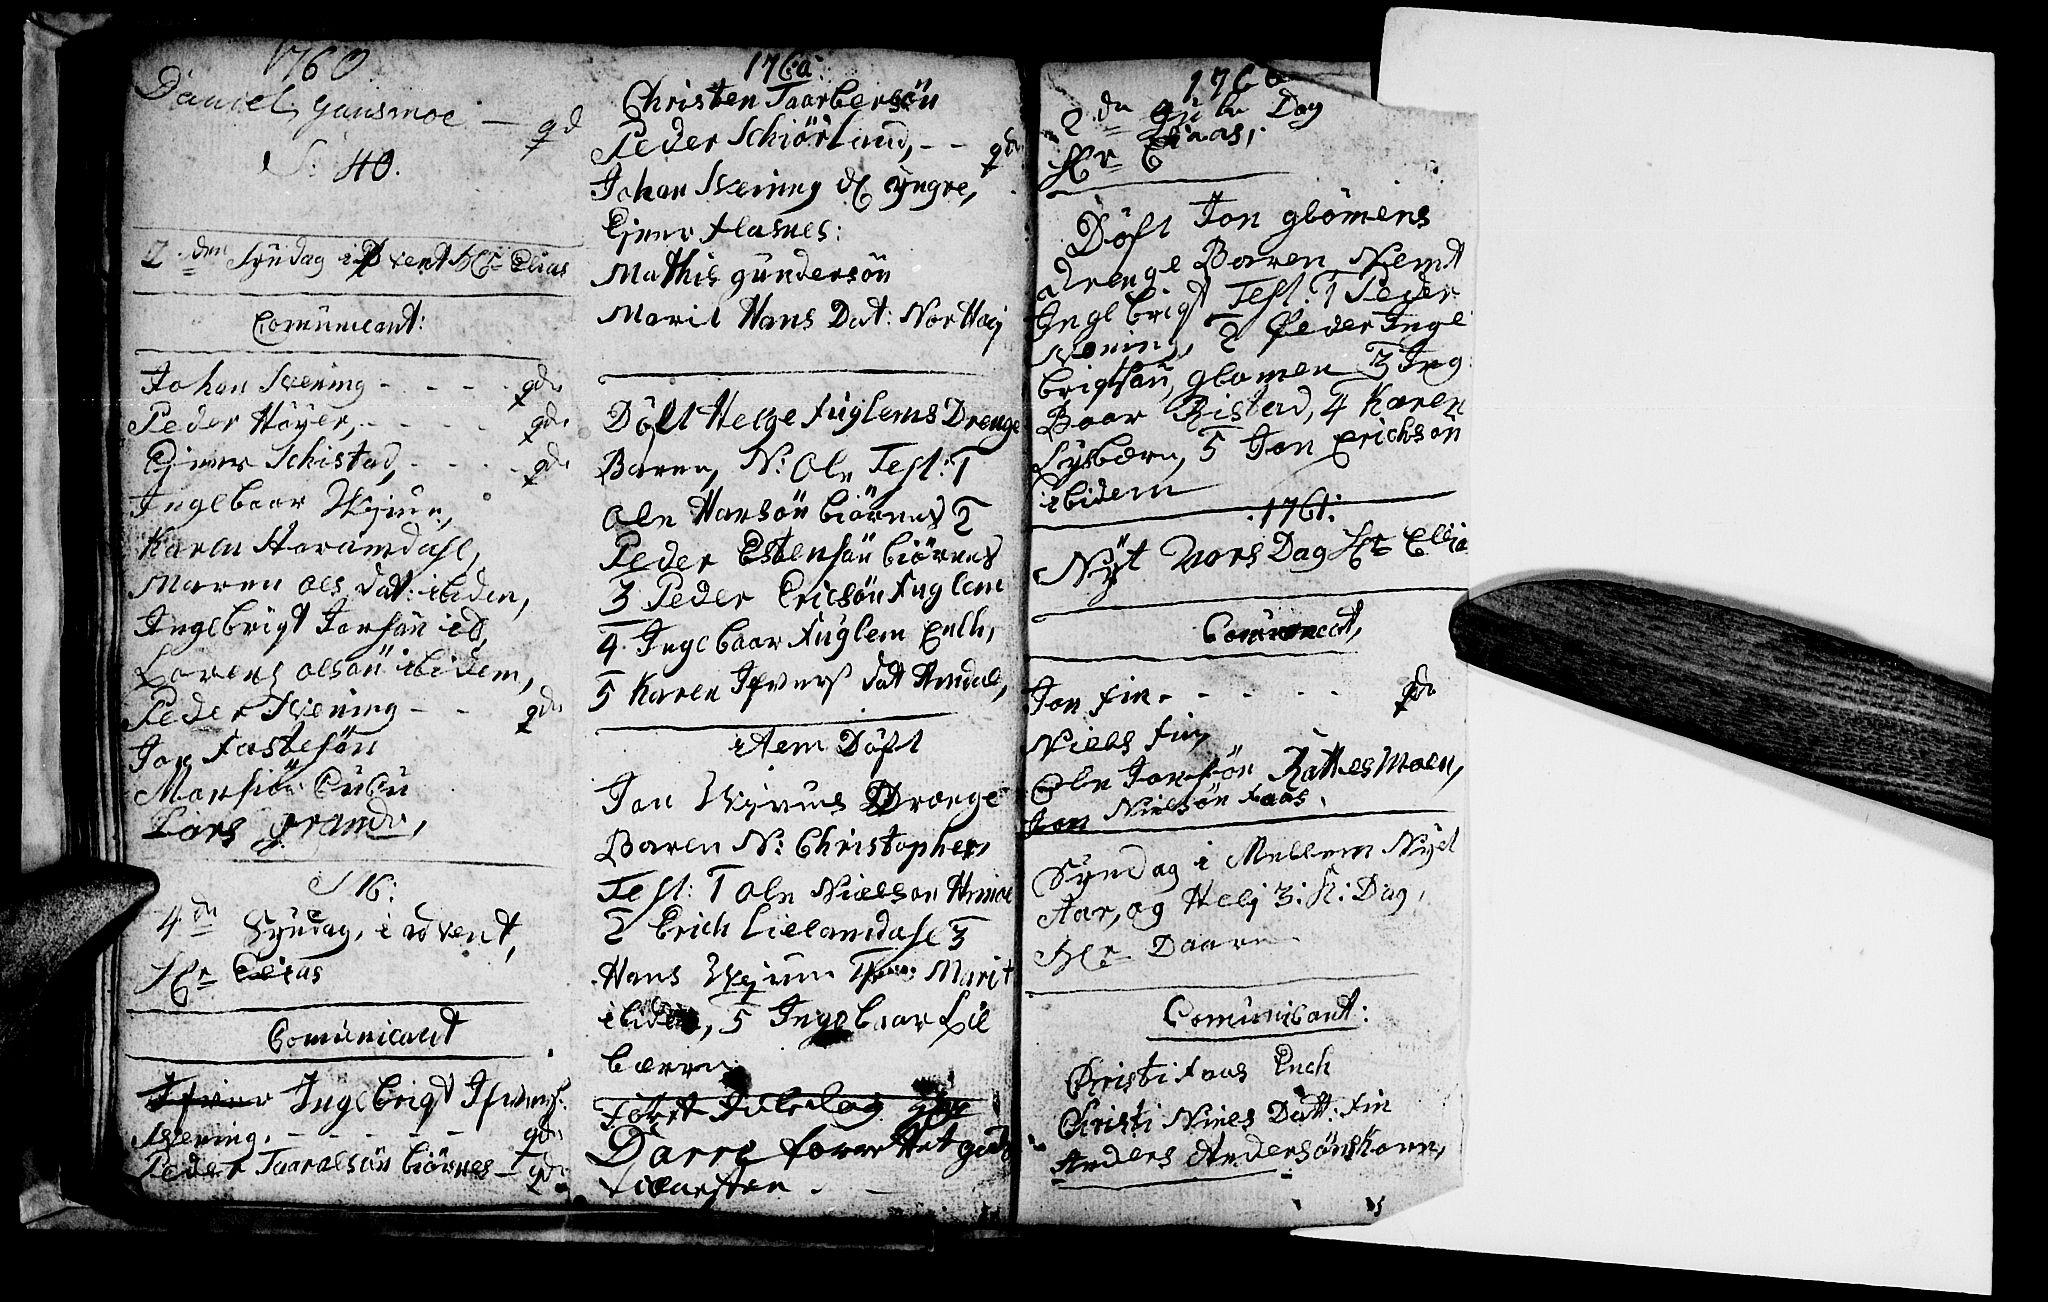 SAT, Ministerialprotokoller, klokkerbøker og fødselsregistre - Nord-Trøndelag, 764/L0543: Ministerialbok nr. 764A03, 1758-1765, s. 38